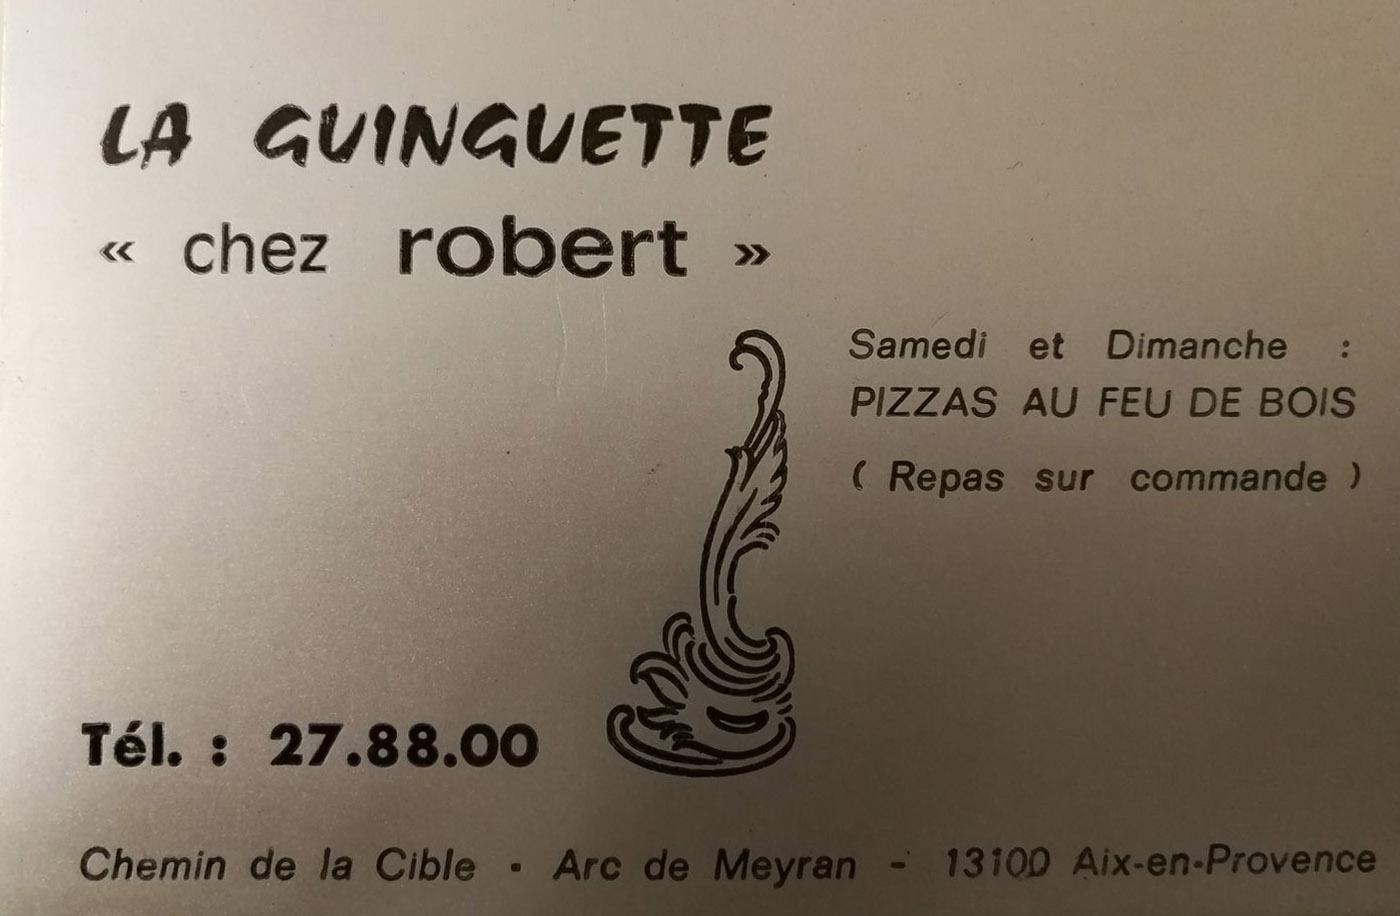 La Guinguette - Chez Robert